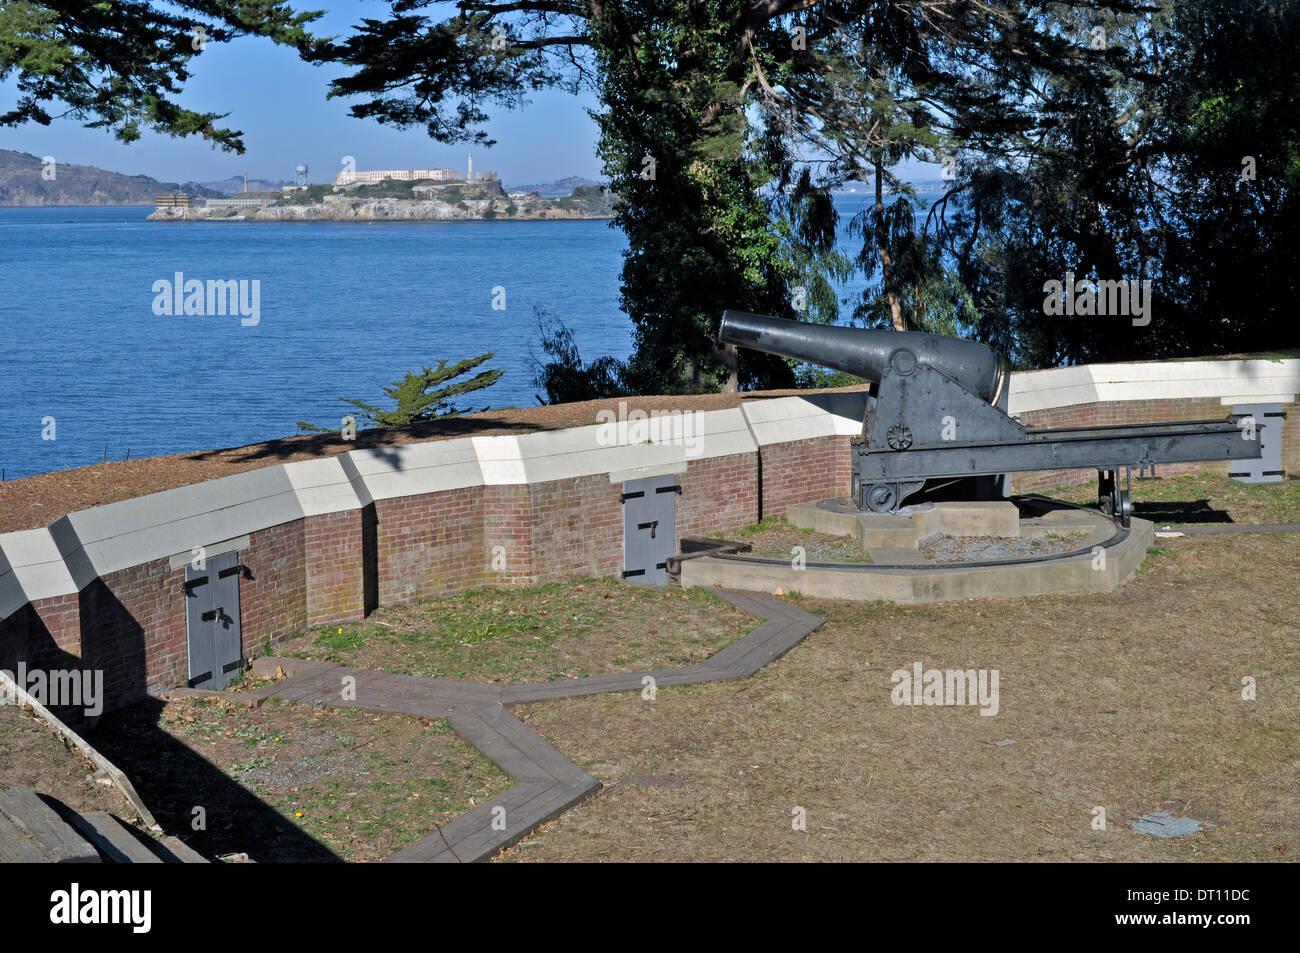 Canon at Fort Mason, San Francisco - Stock Image